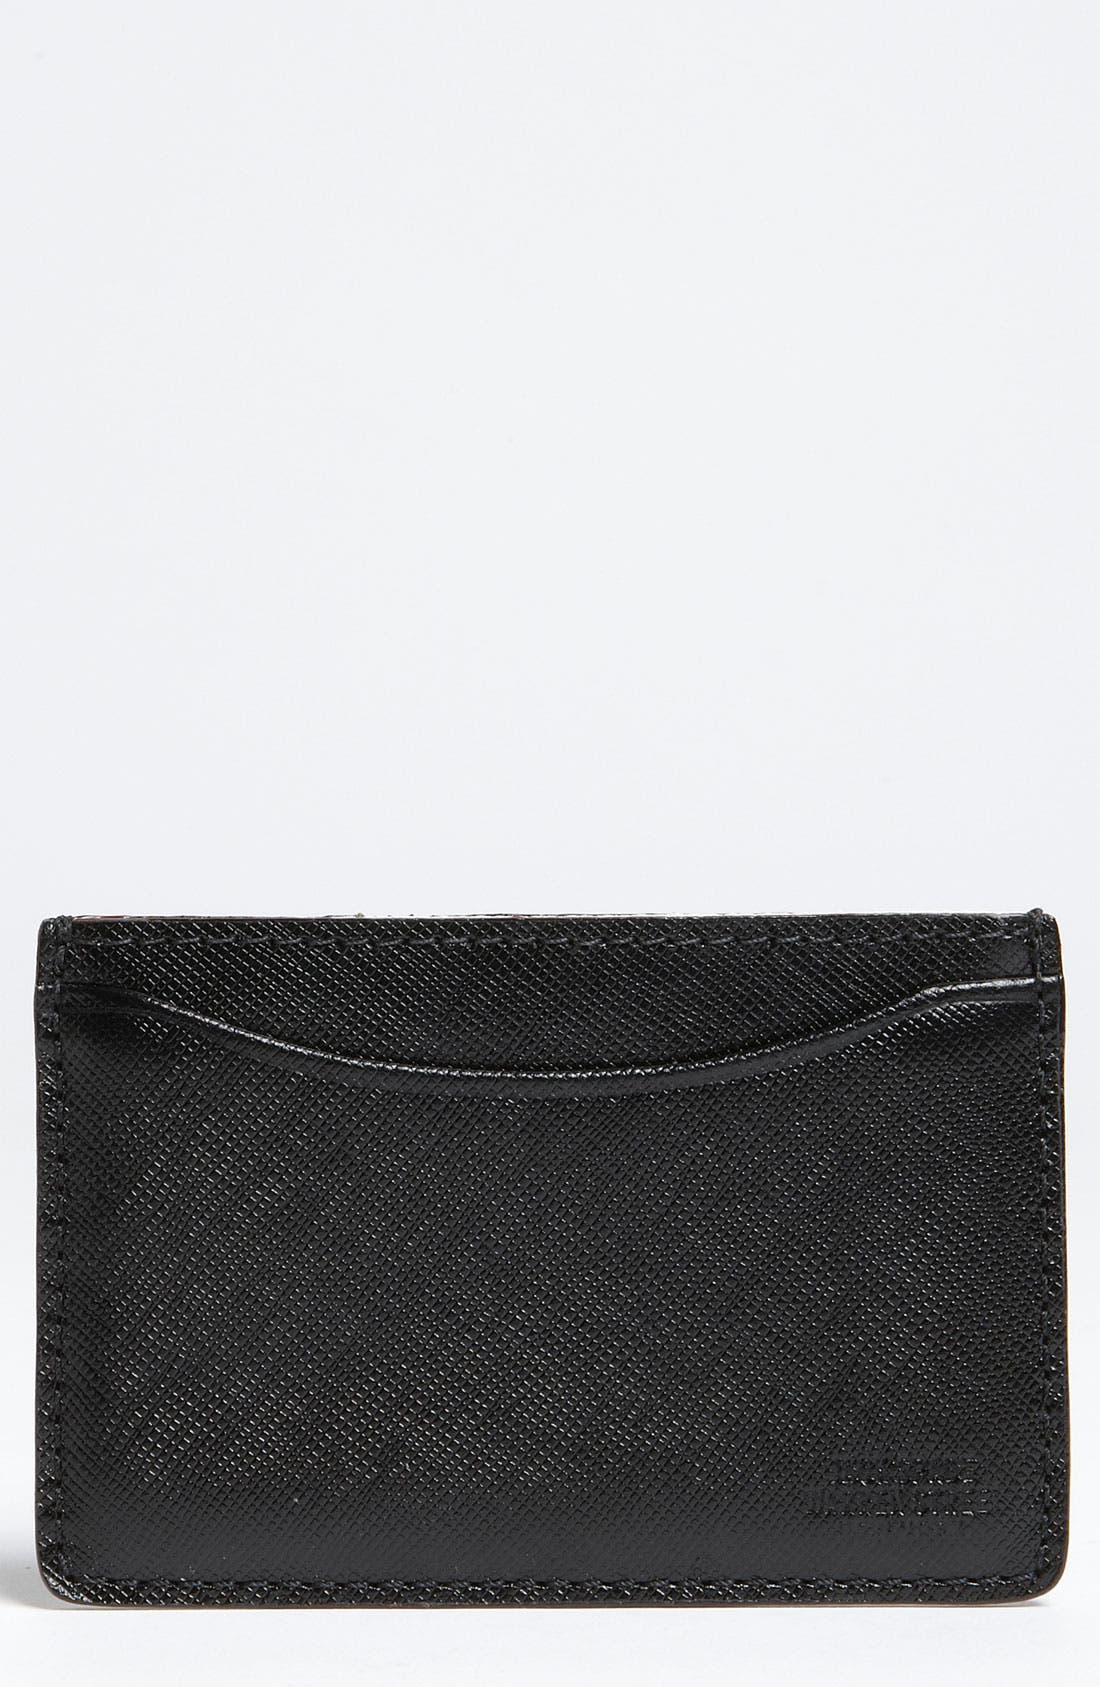 Alternate Image 1 Selected - Jack Spade Crosshatched Leather Card Holder